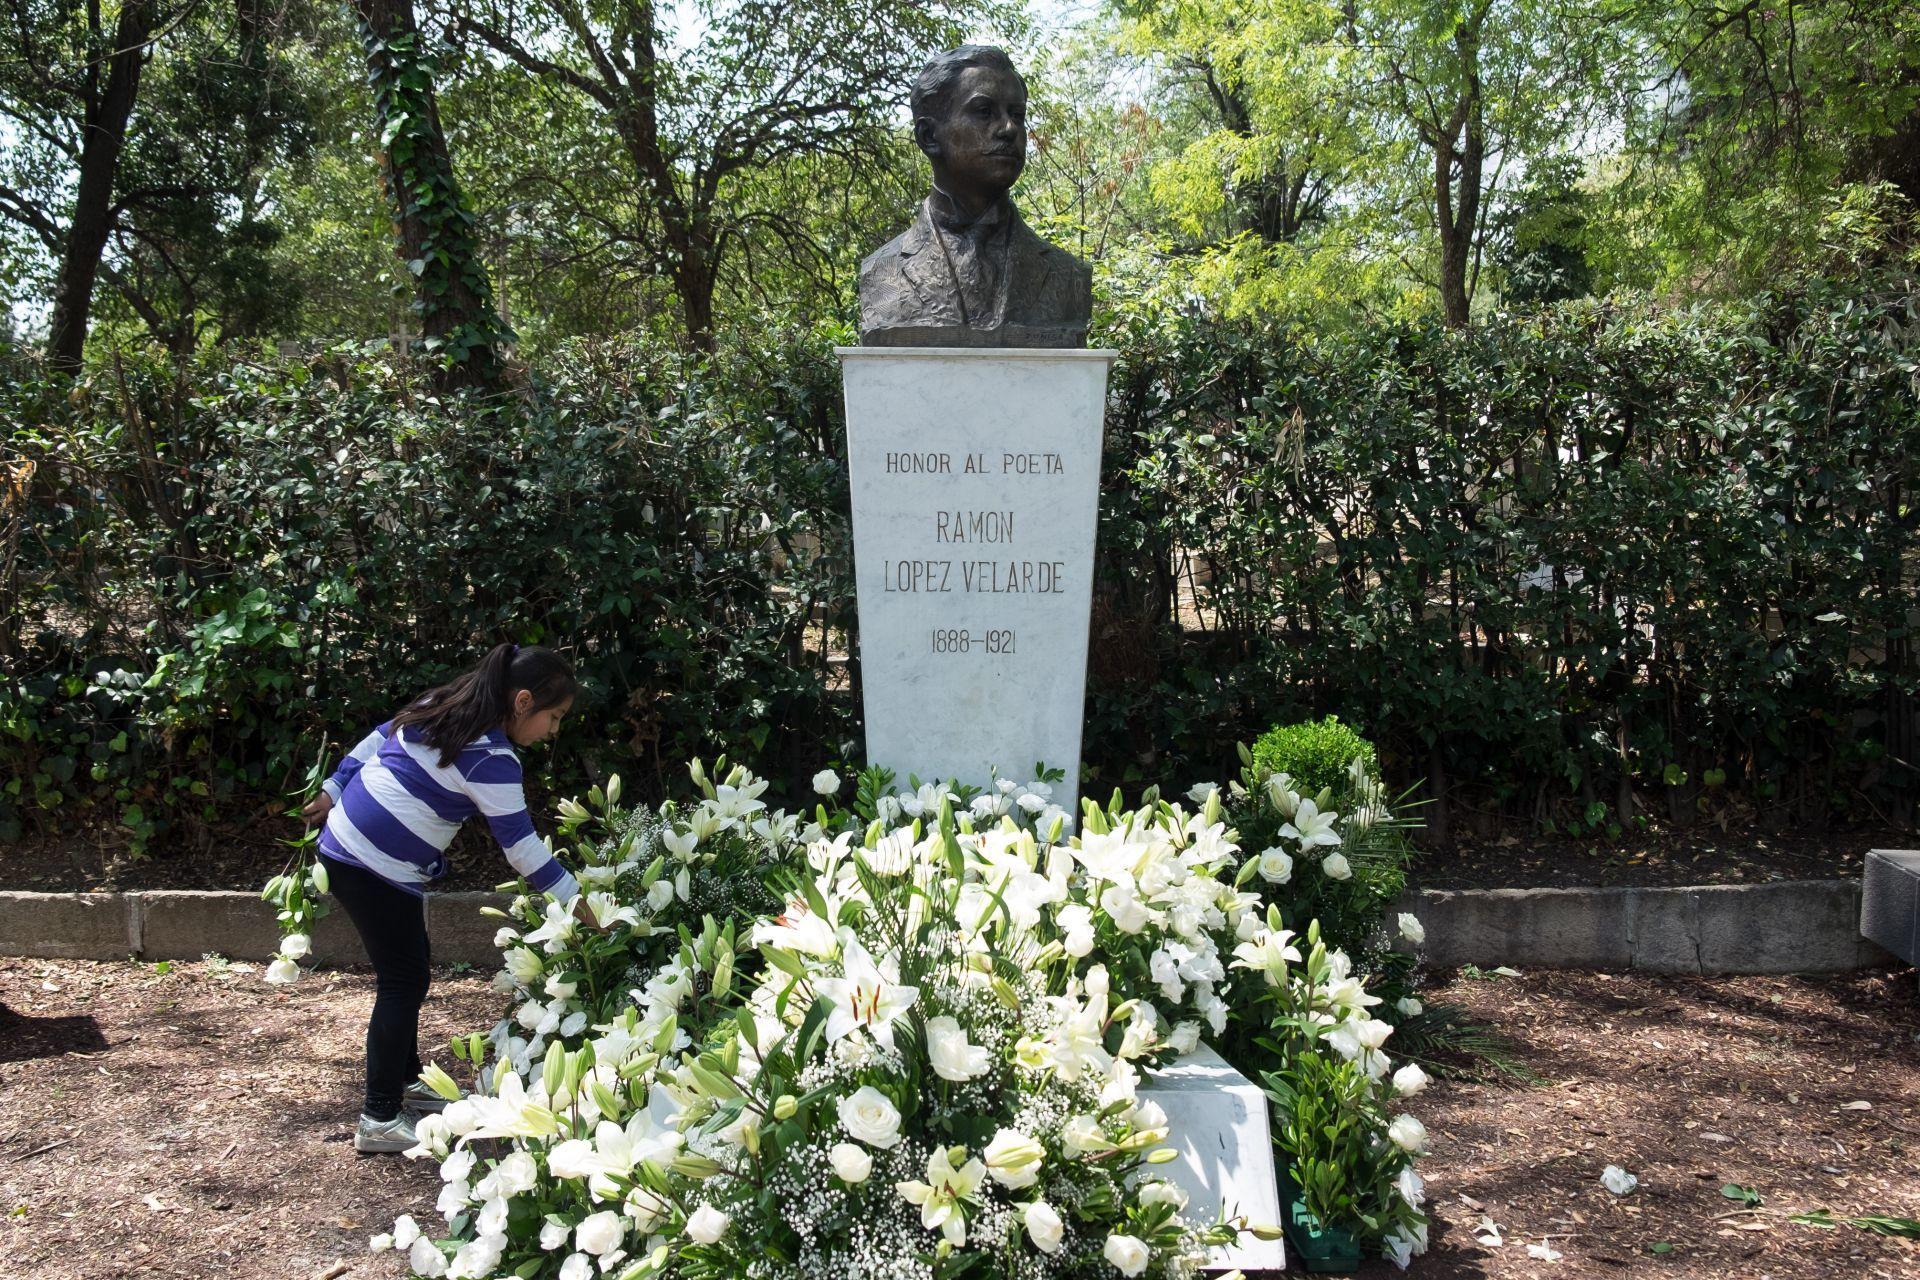 Ramón López Velarde, poesía, literatura, tumba, Ciudad de México